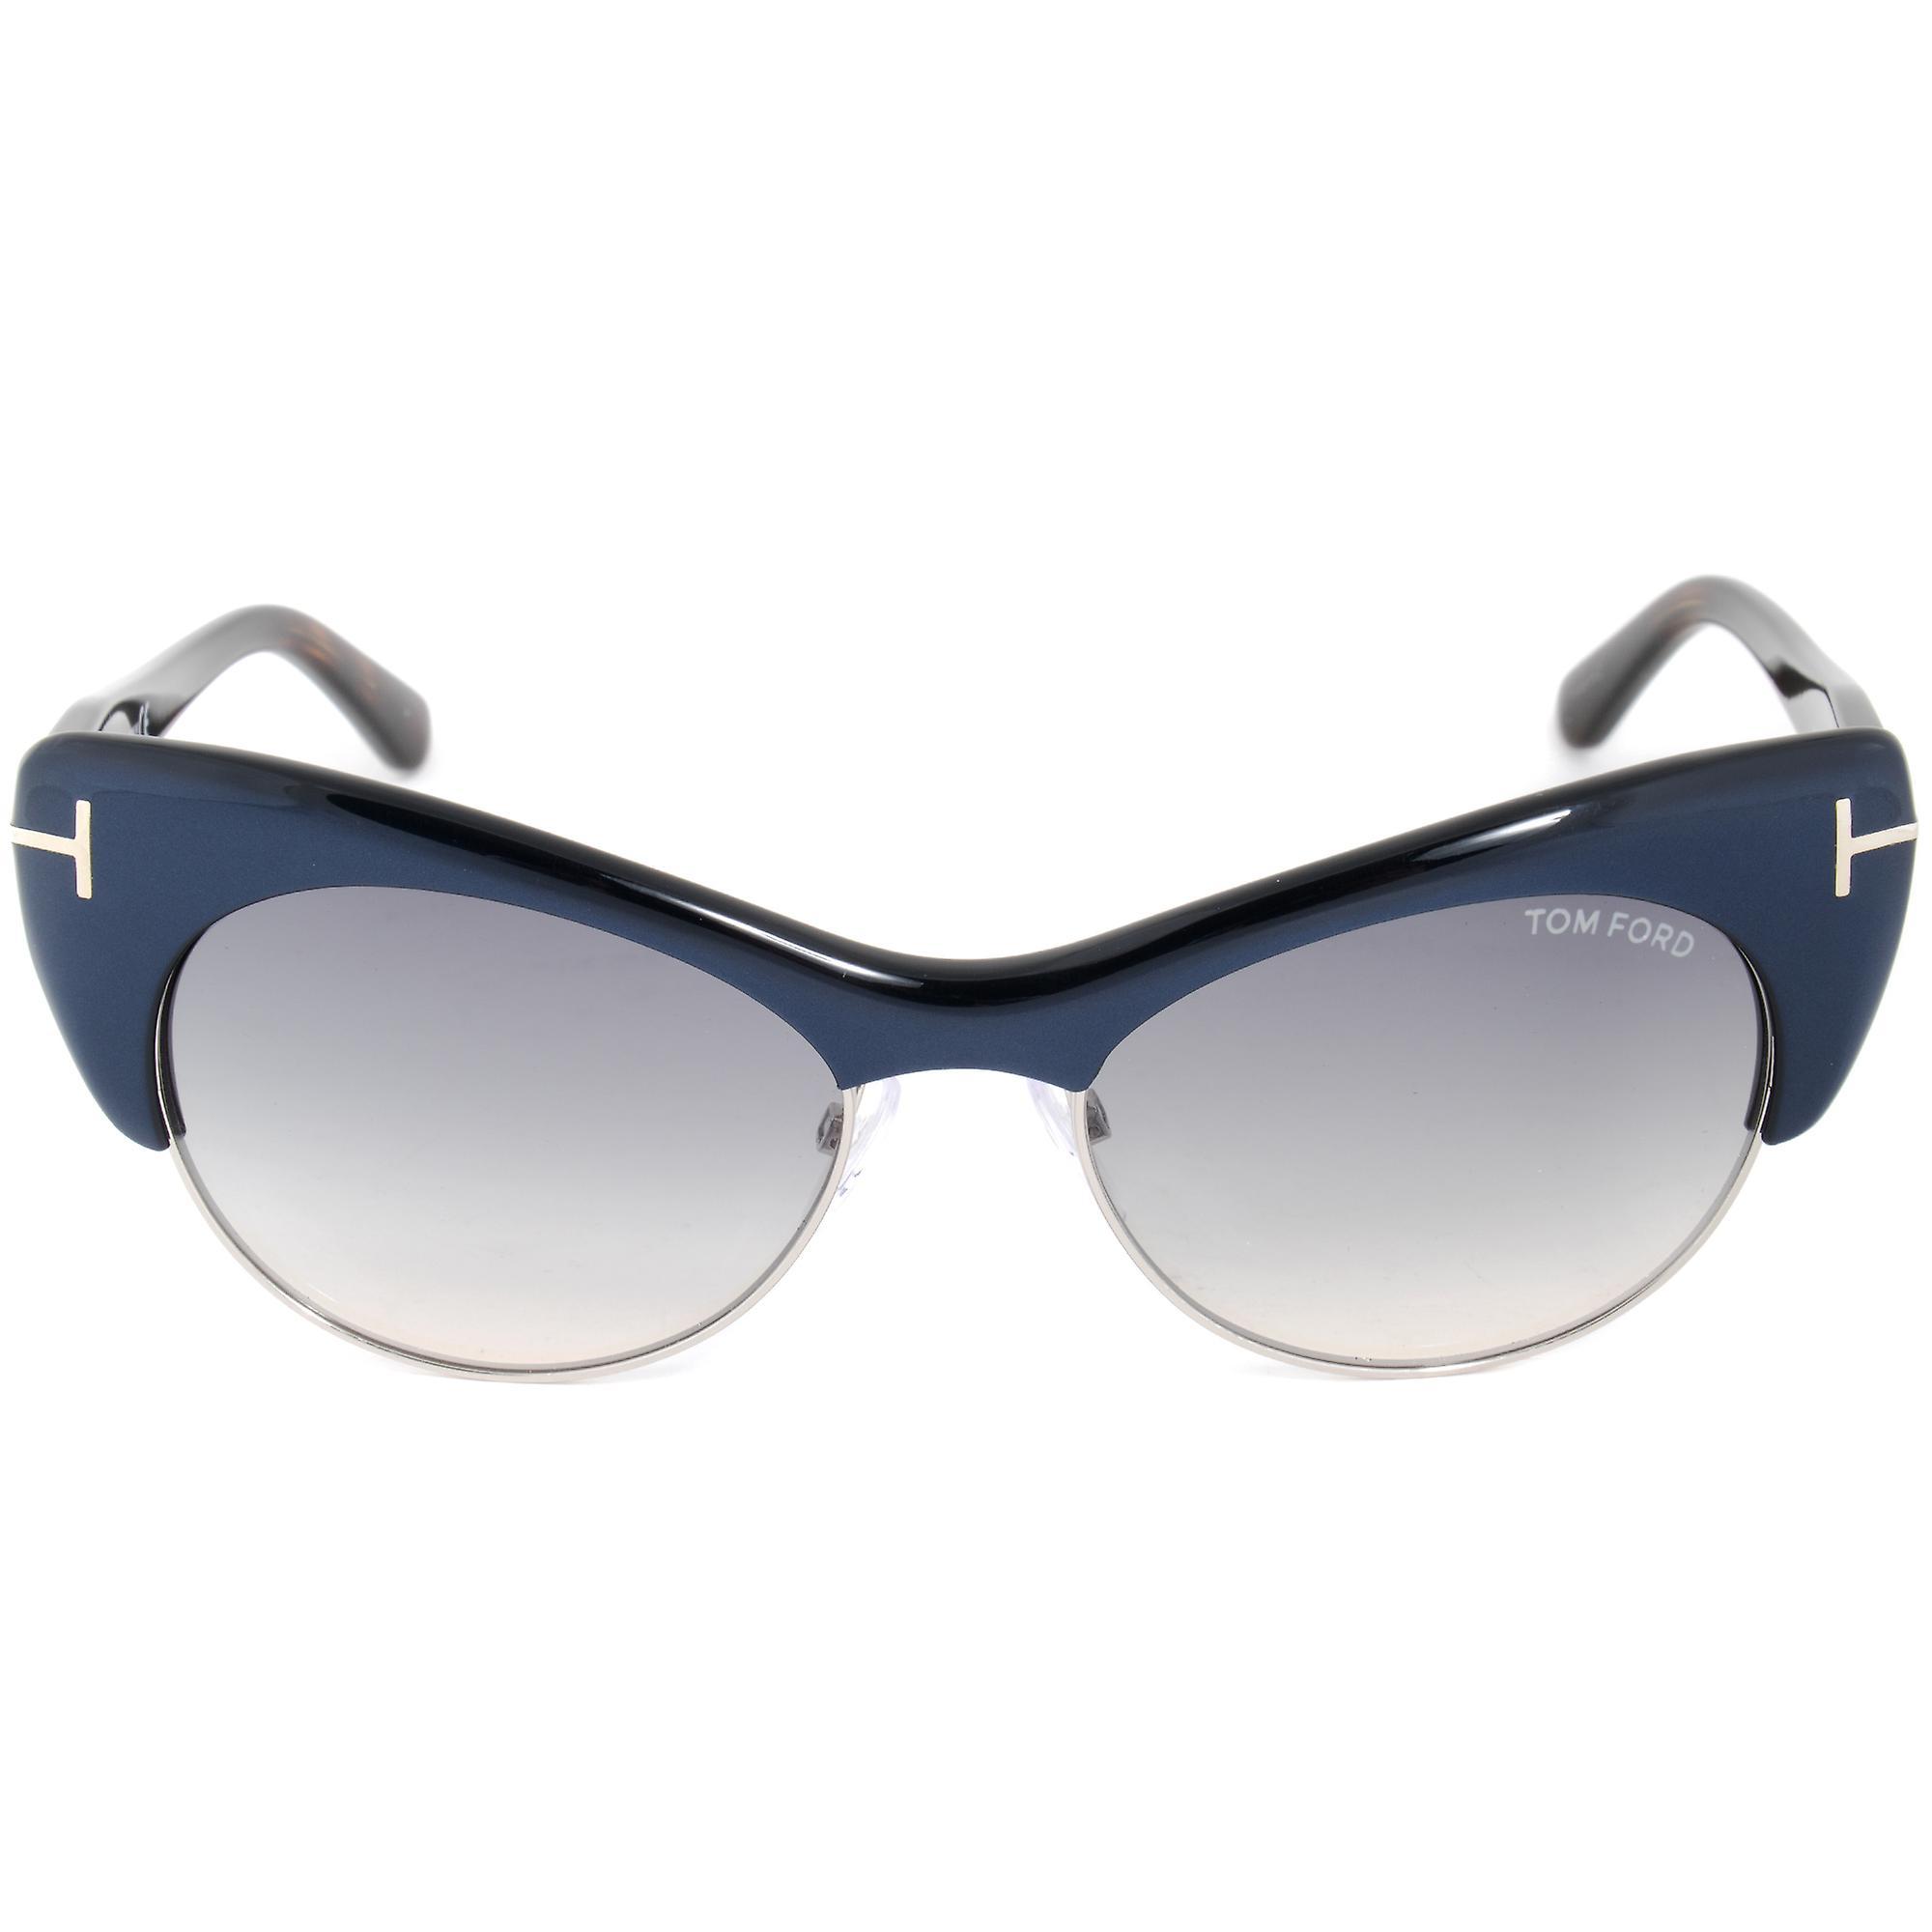 Tom Ford Lola Sunglasses FT0387 89W | Navy Blue Frame | Blue Gradient Lens